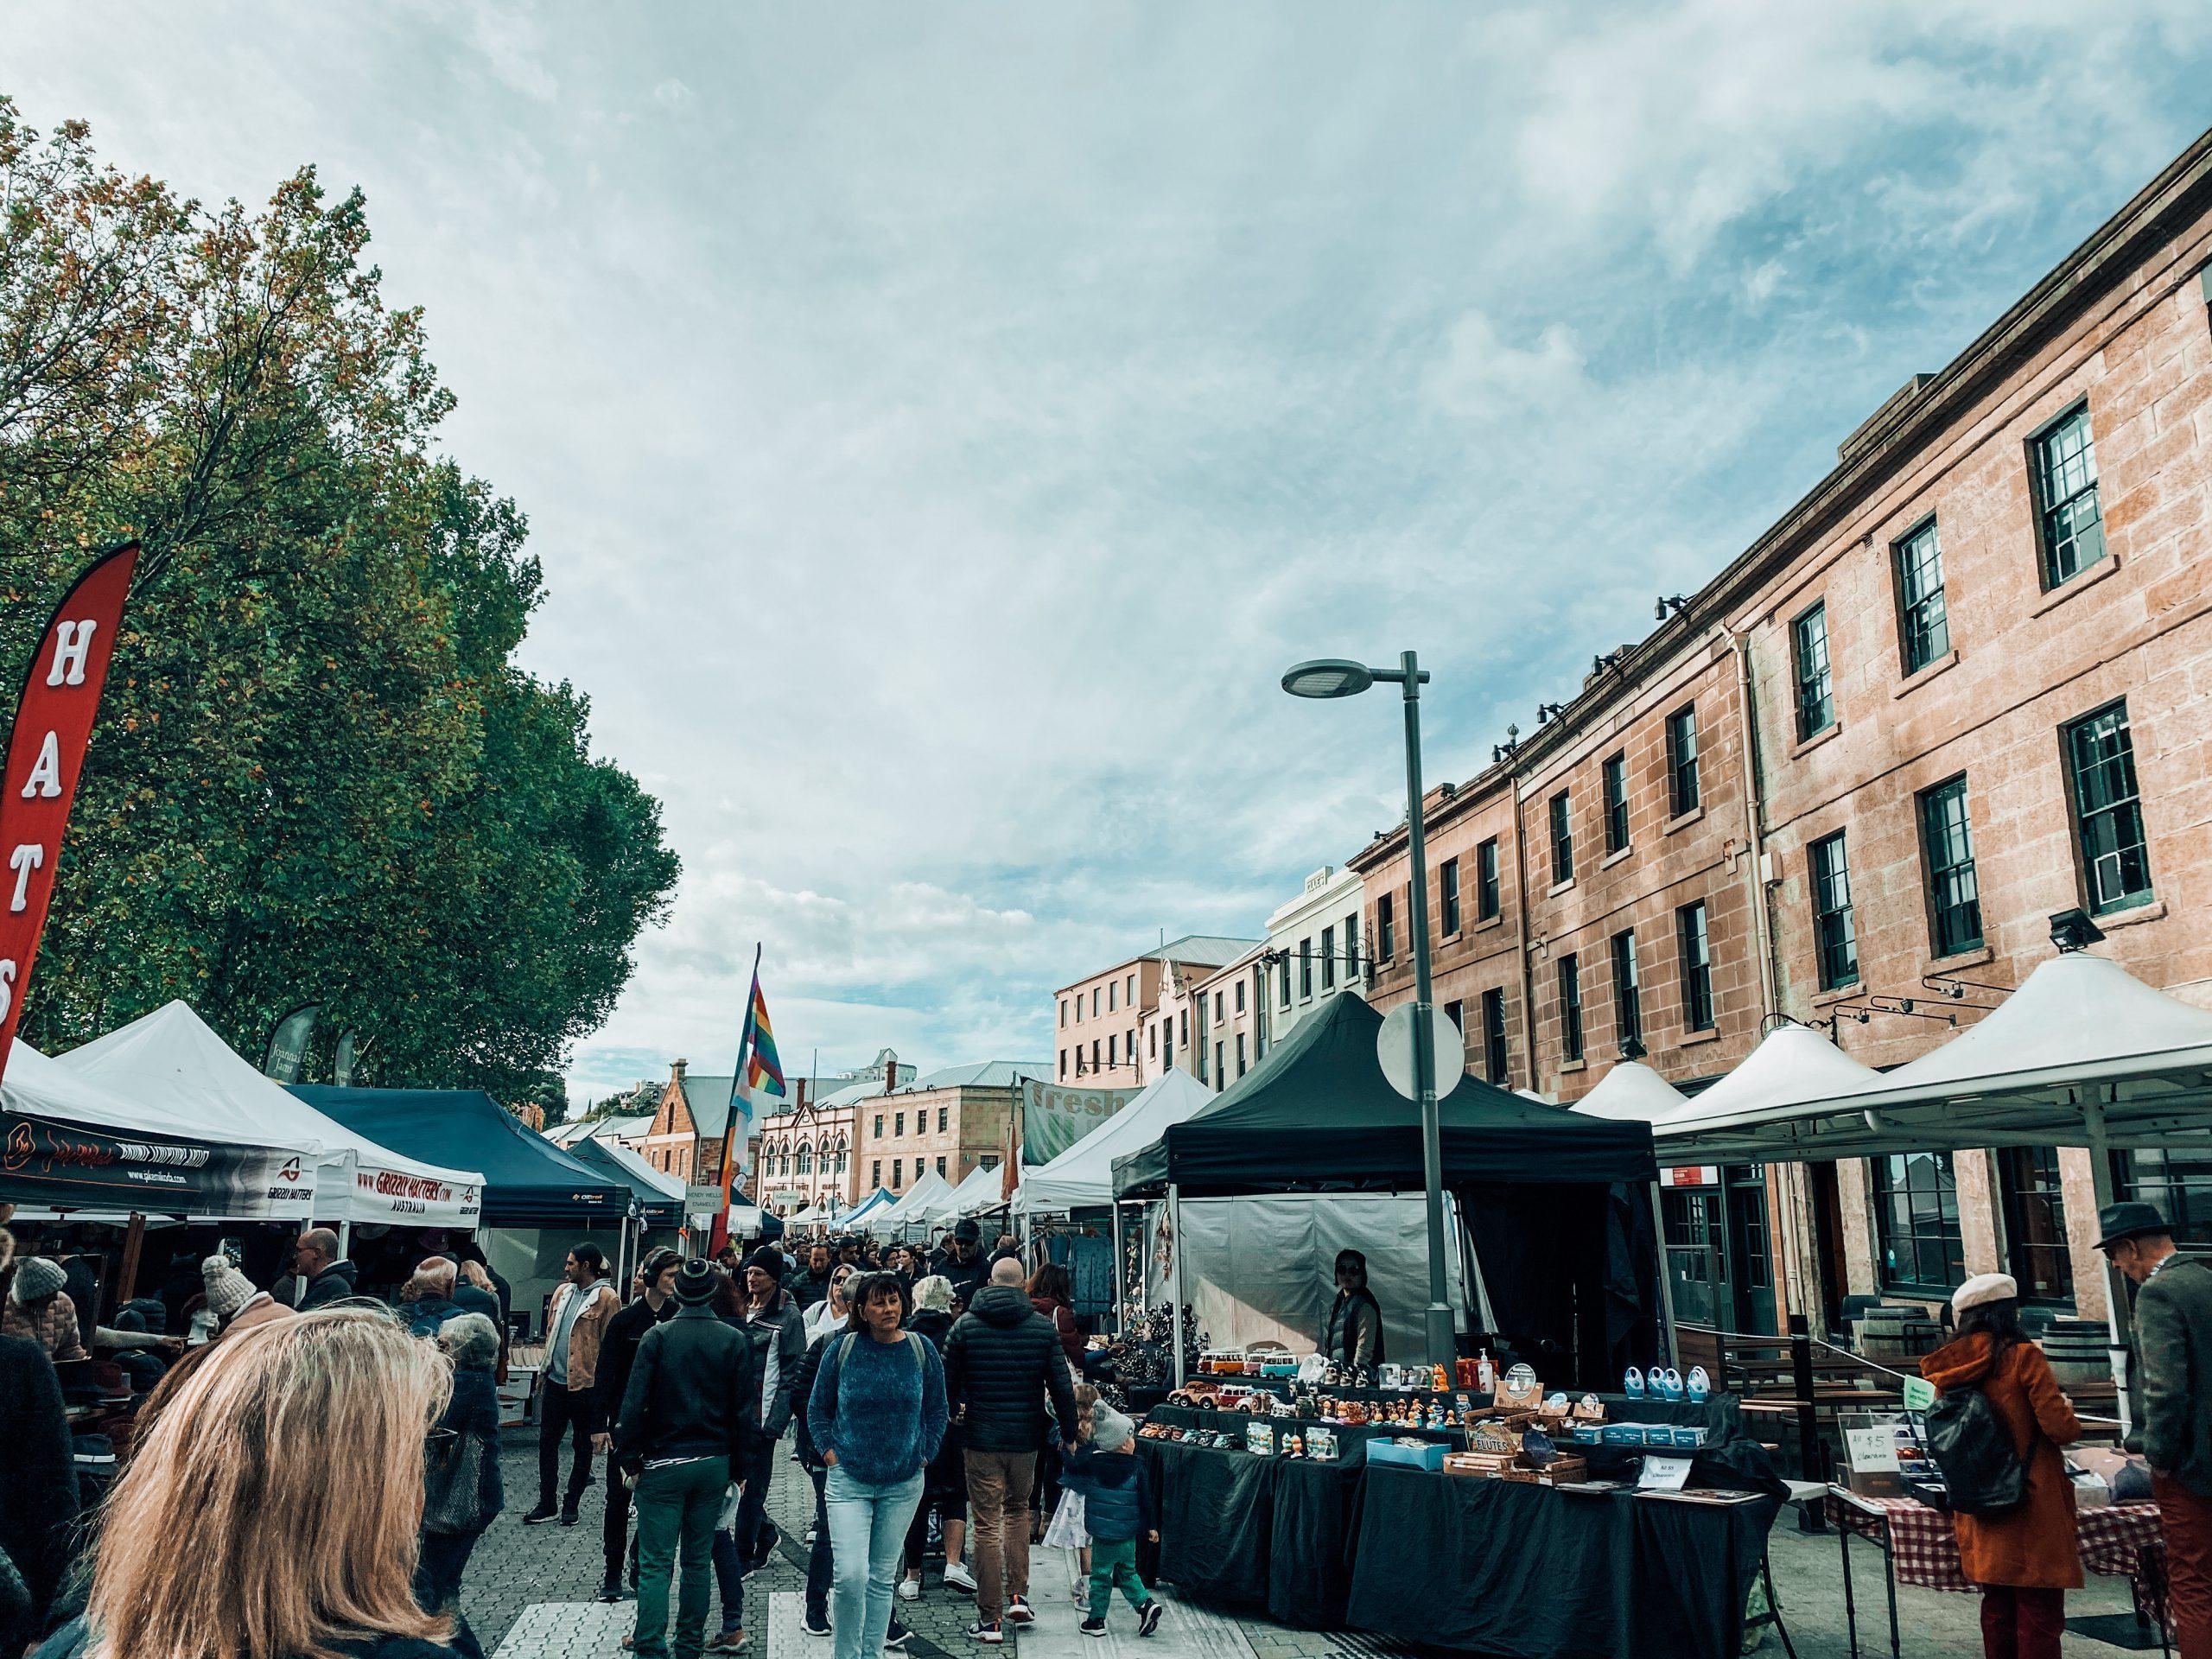 Salamanca Market in Hobart.